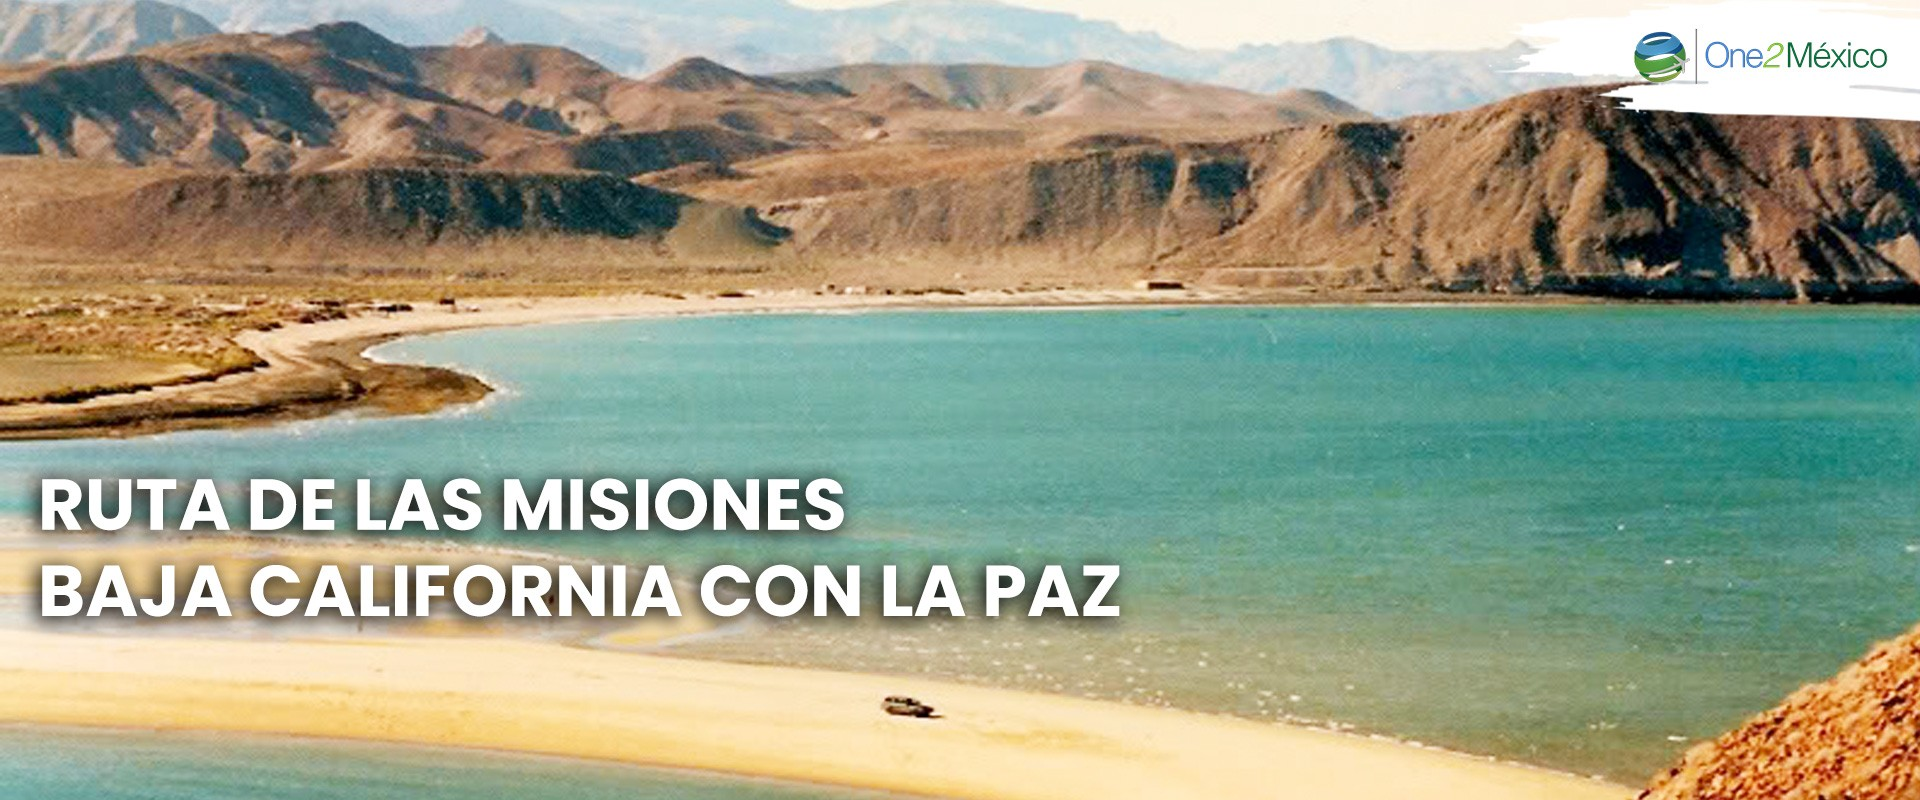 Ruta de las Misiones Baja California con La Paz